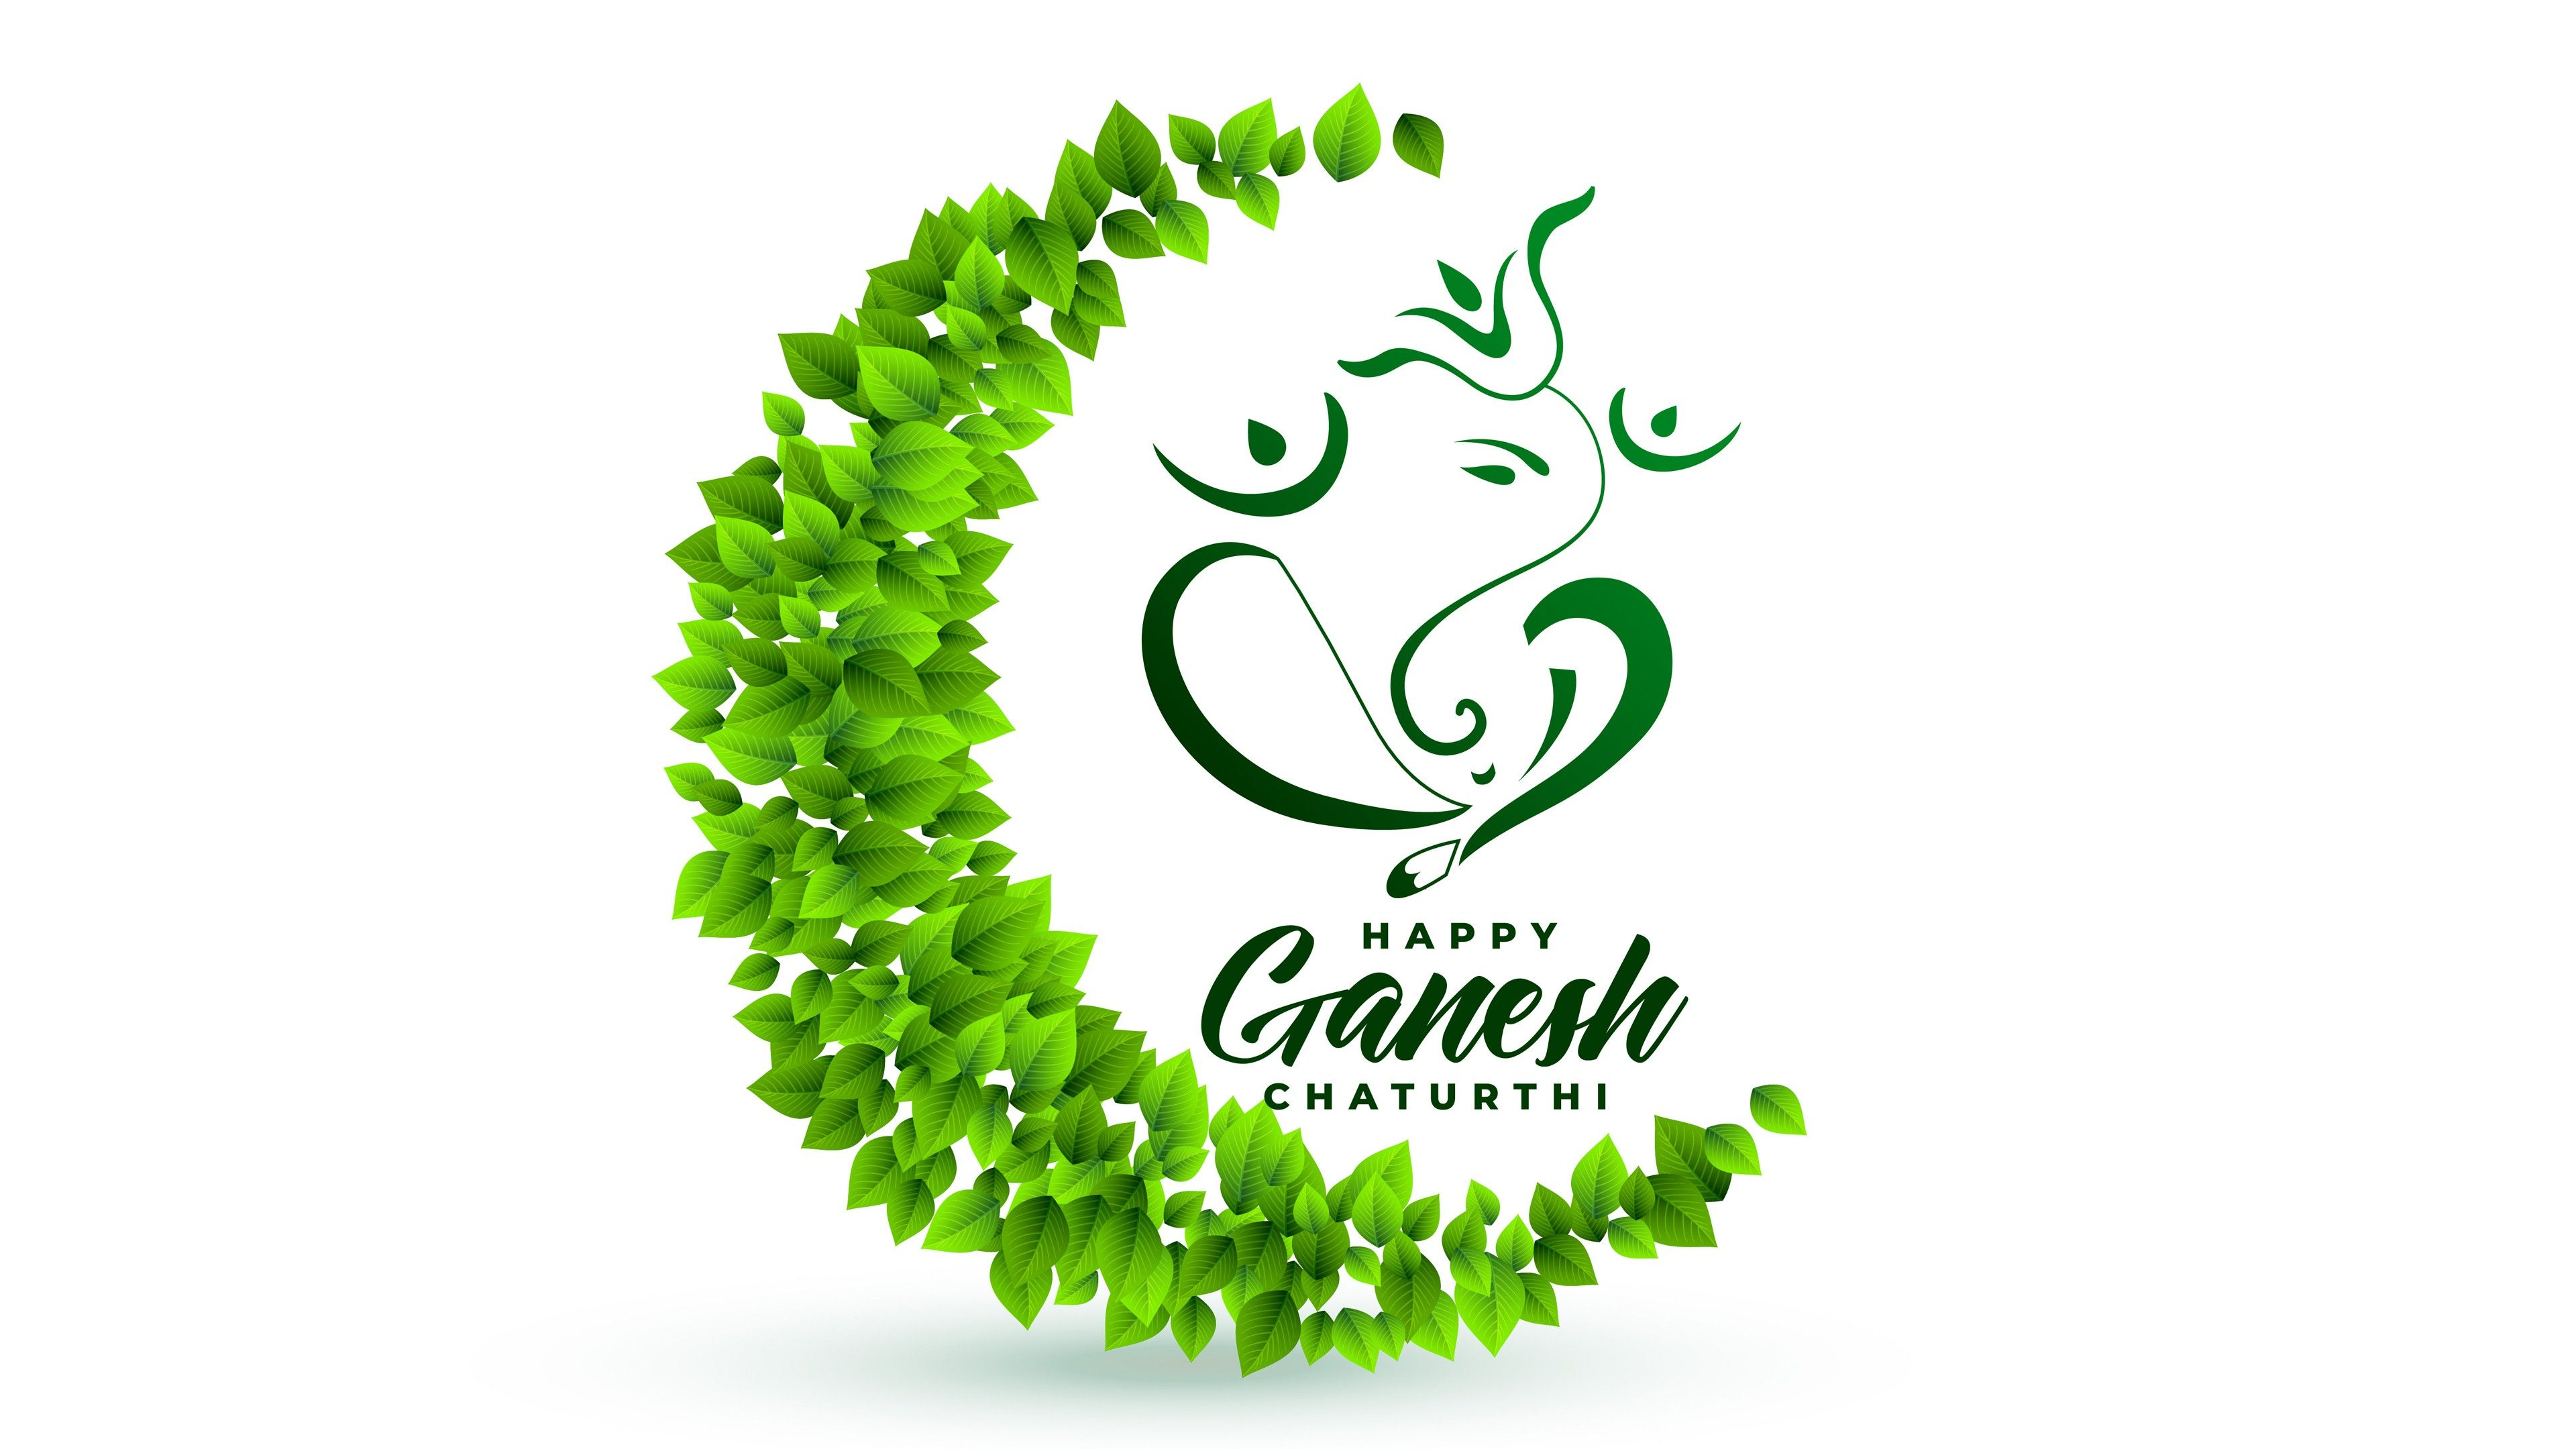 Hình nền 3840x2160 Green Ganesh Chaturthi 4K